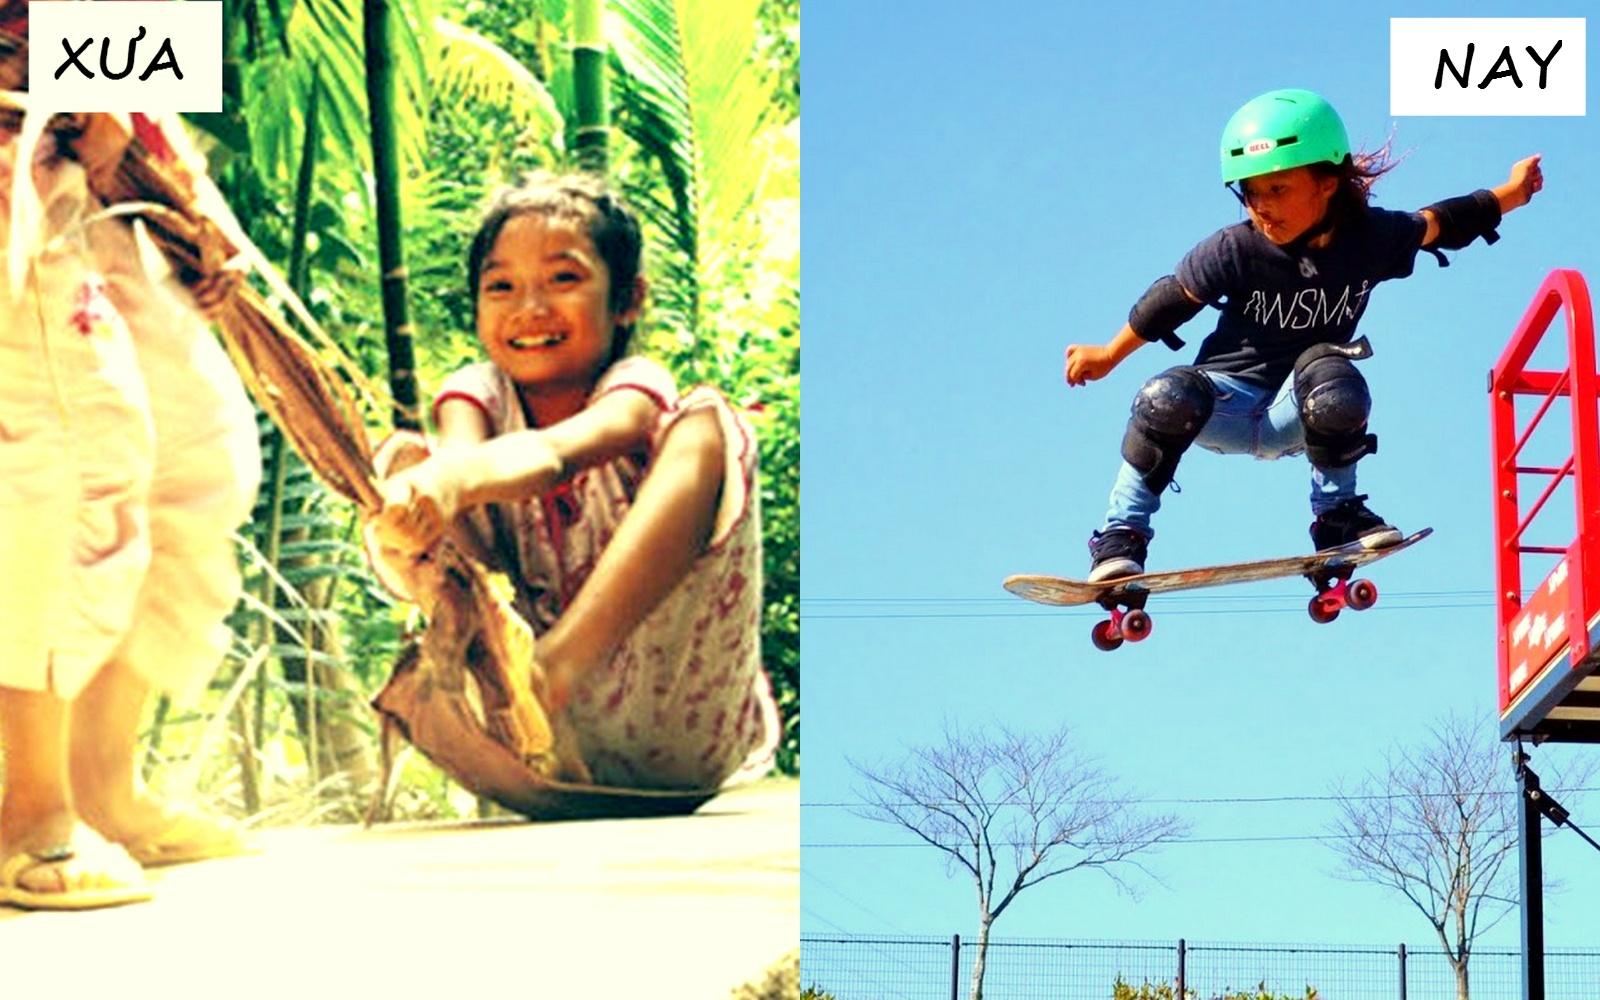 Kéo mo cau là trò chơi gắn liền tuổi thơ của nhiều 8X, 9X. Trong khi đó,  môn trượt ván mới phổ biến tại Việt Nam trong vài năm trở lại đây.